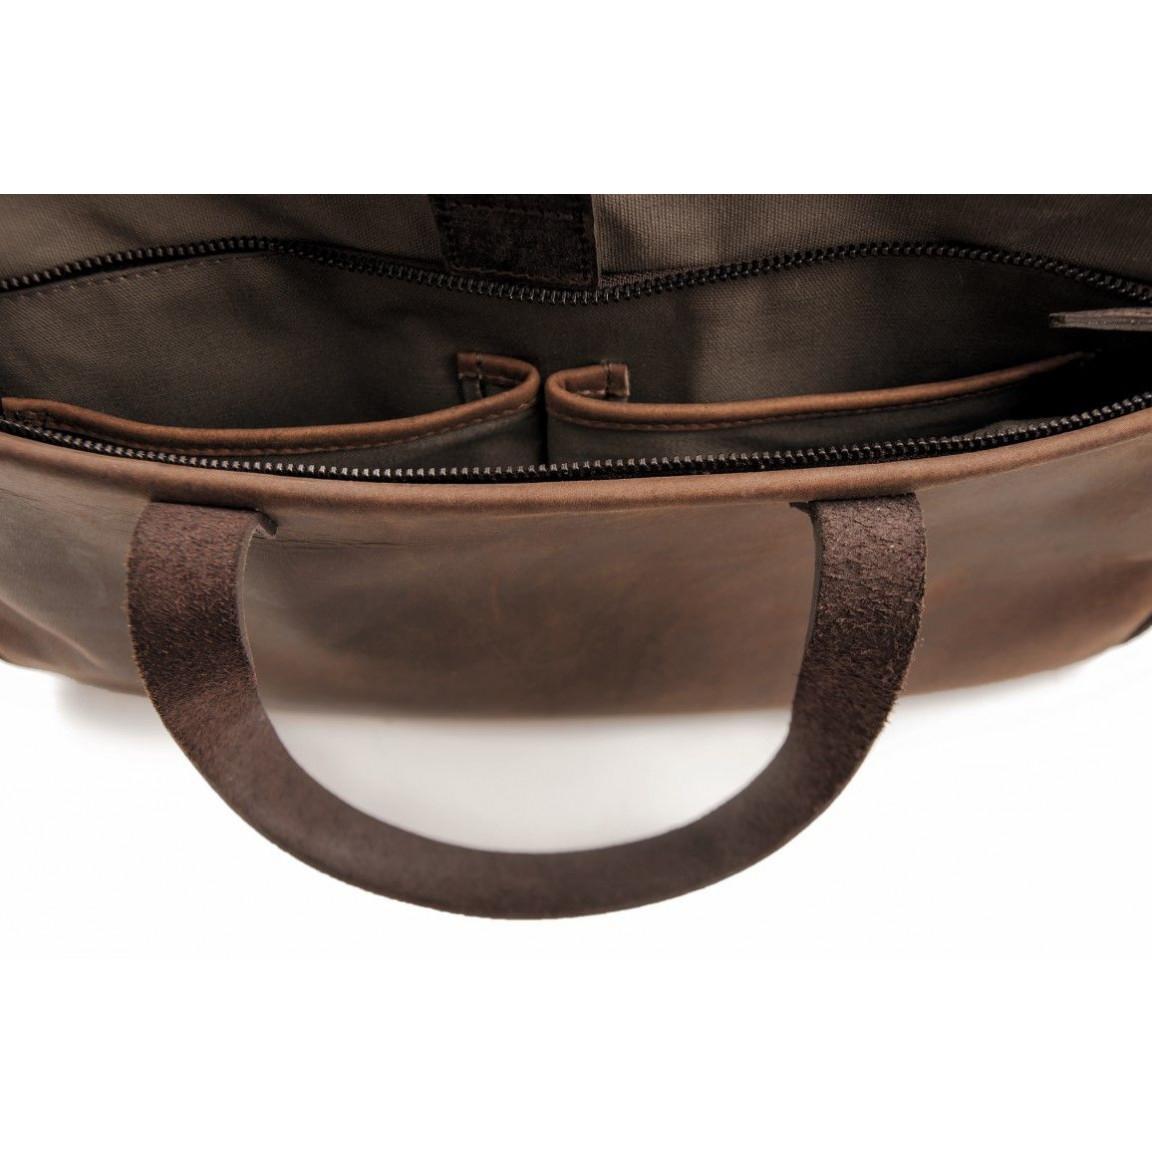 Twister Large Messenger Bag